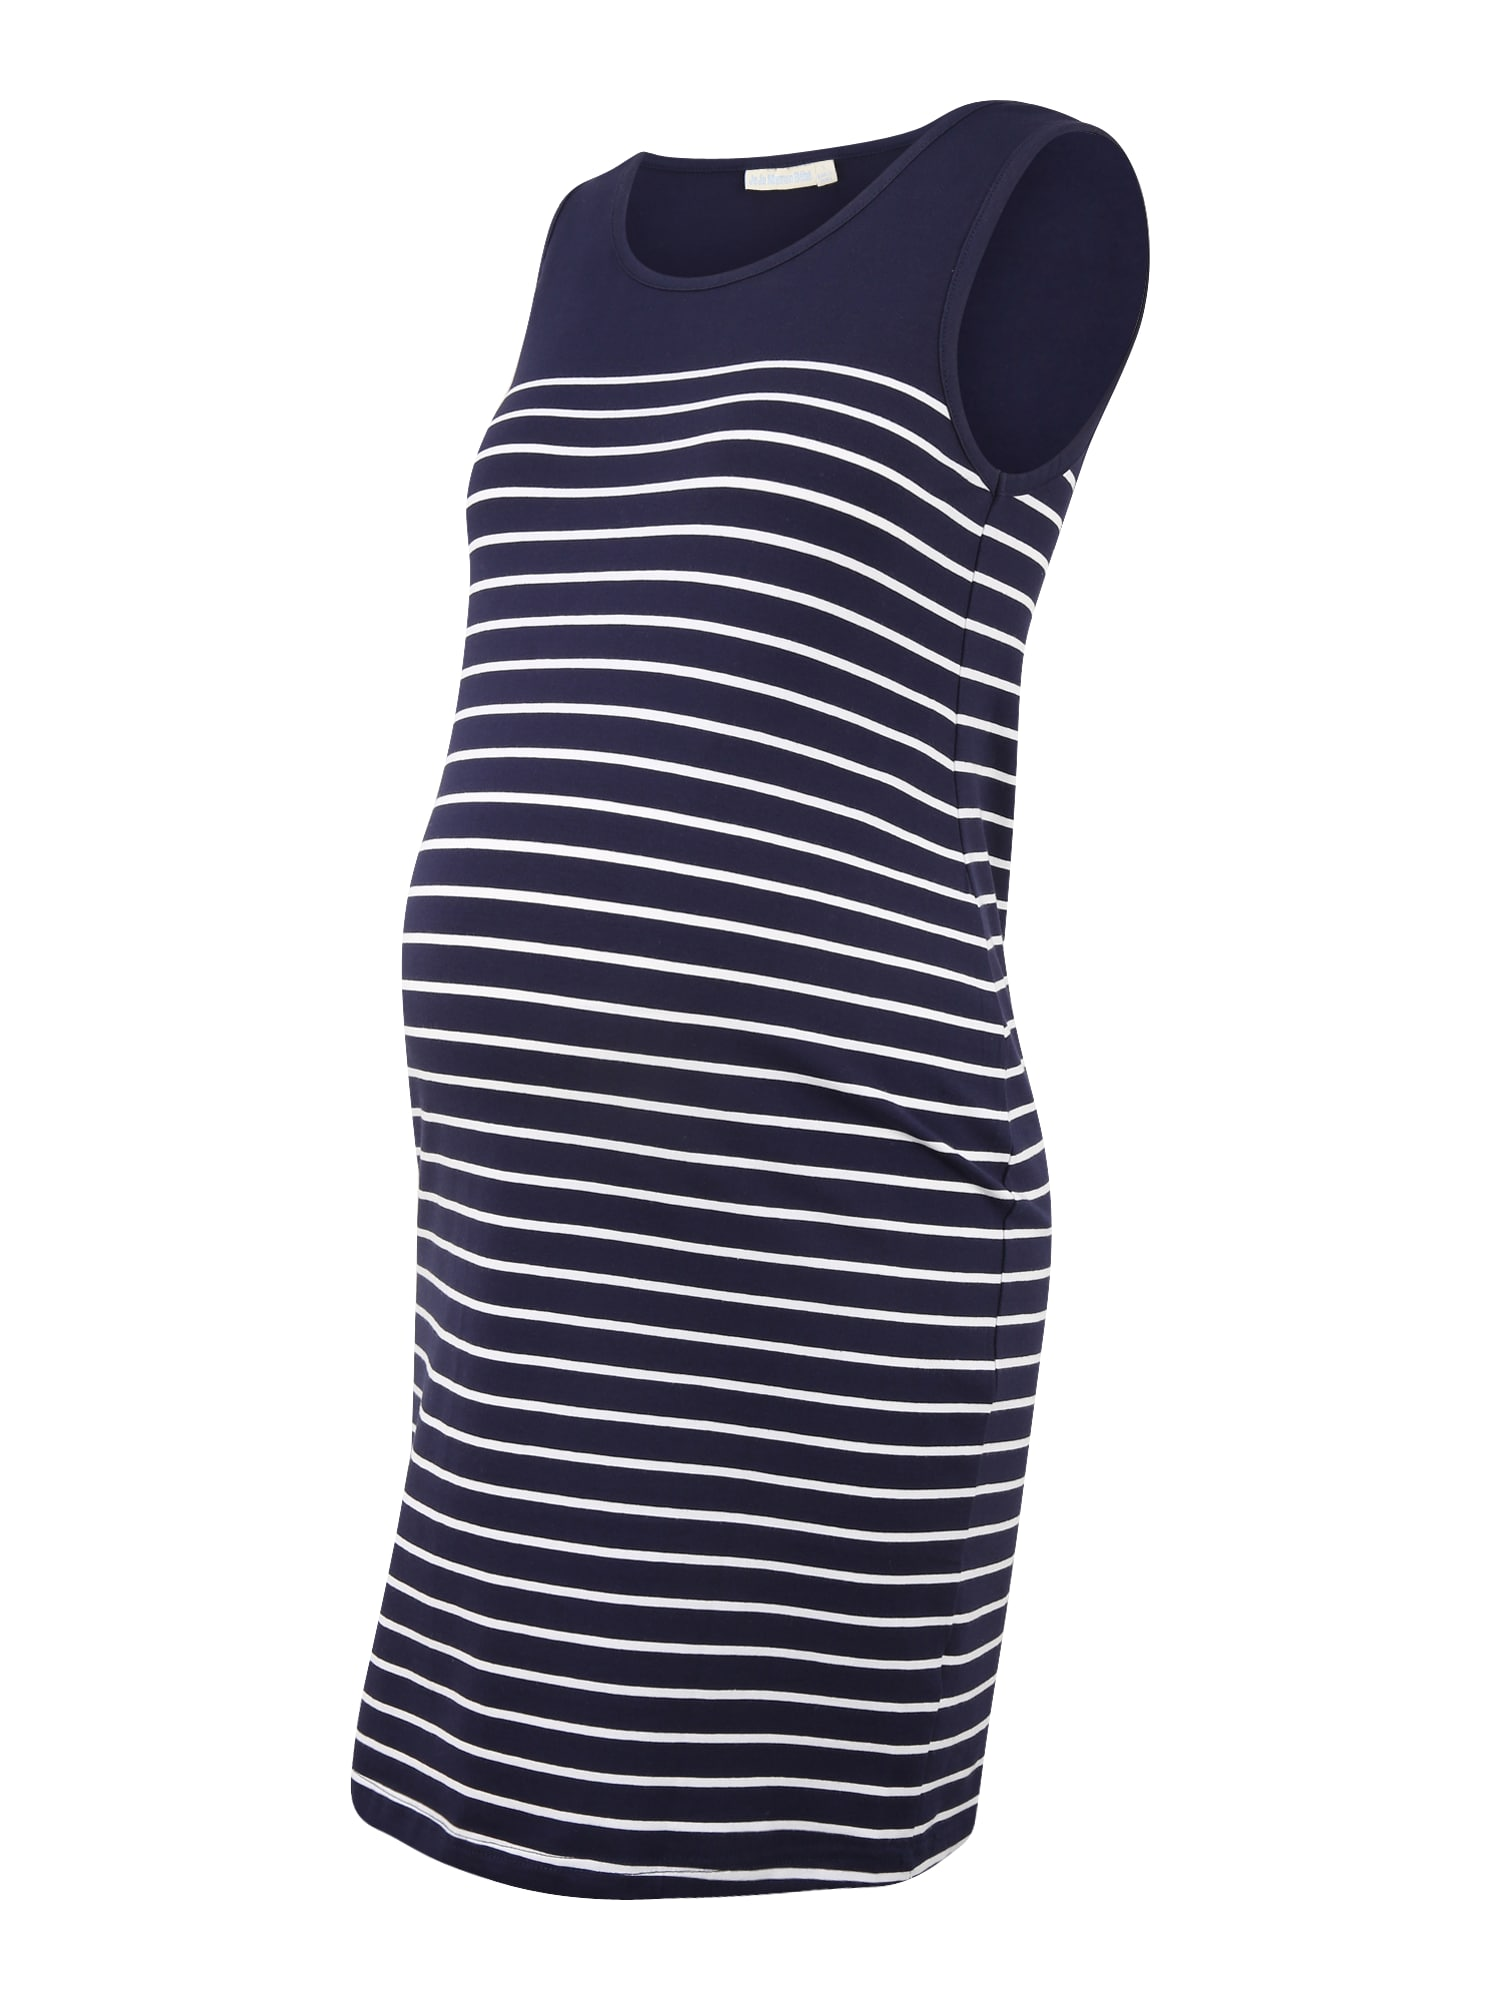 JoJo Maman Bébé Vasarinė suknelė tamsiai mėlyna / balta